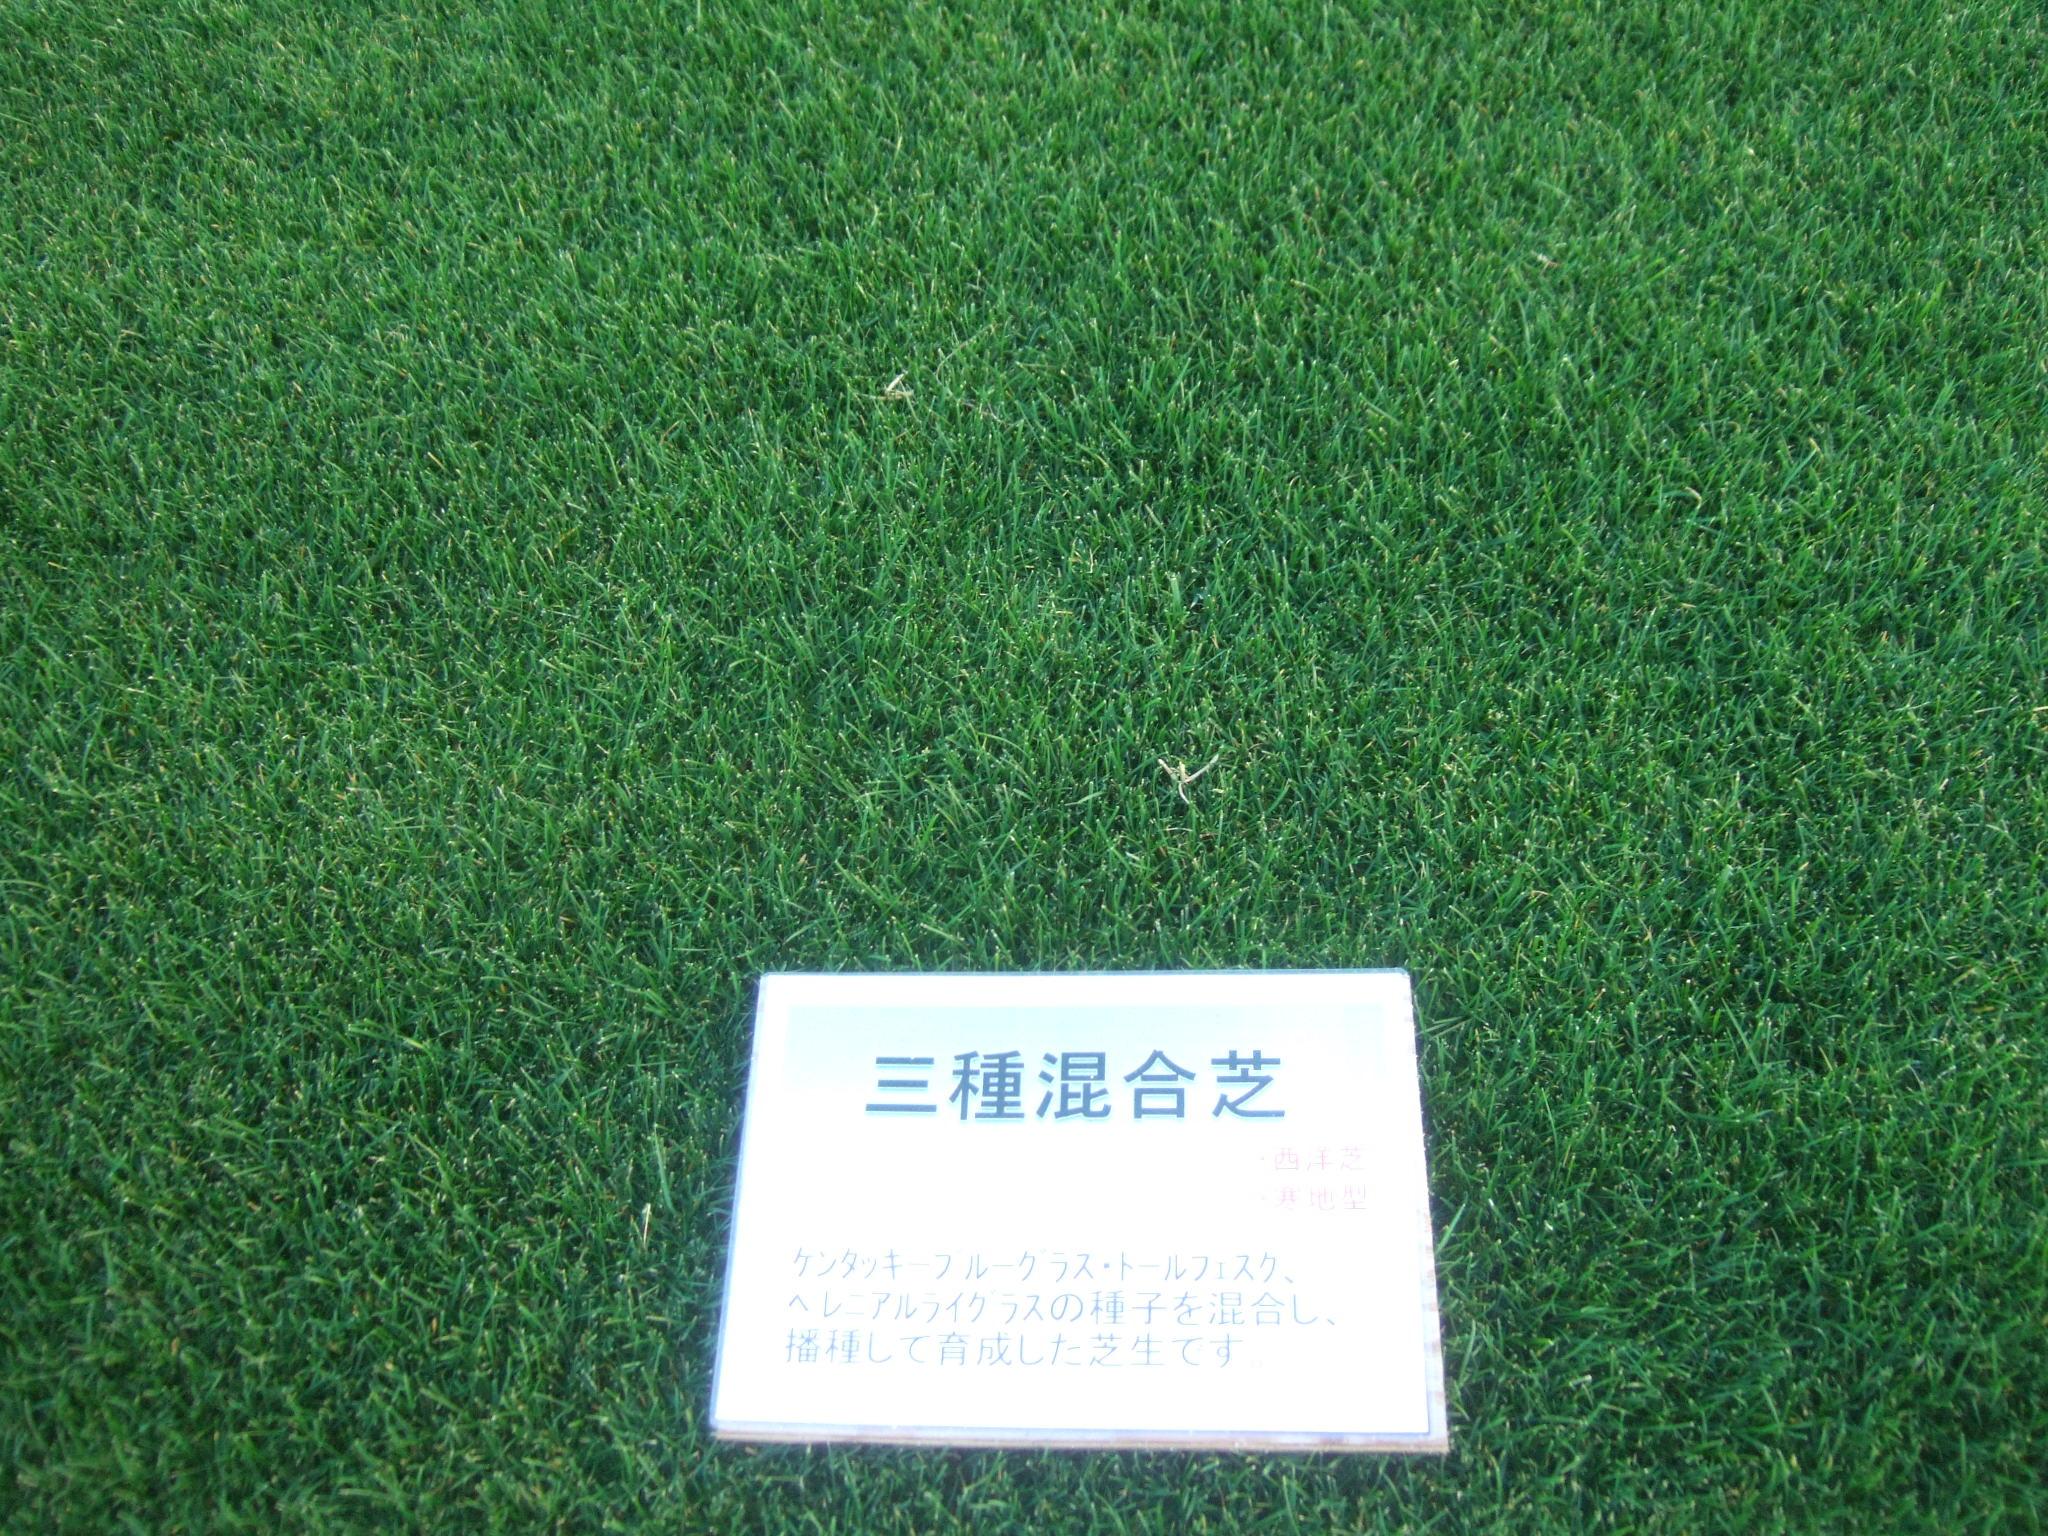 三種混合芝